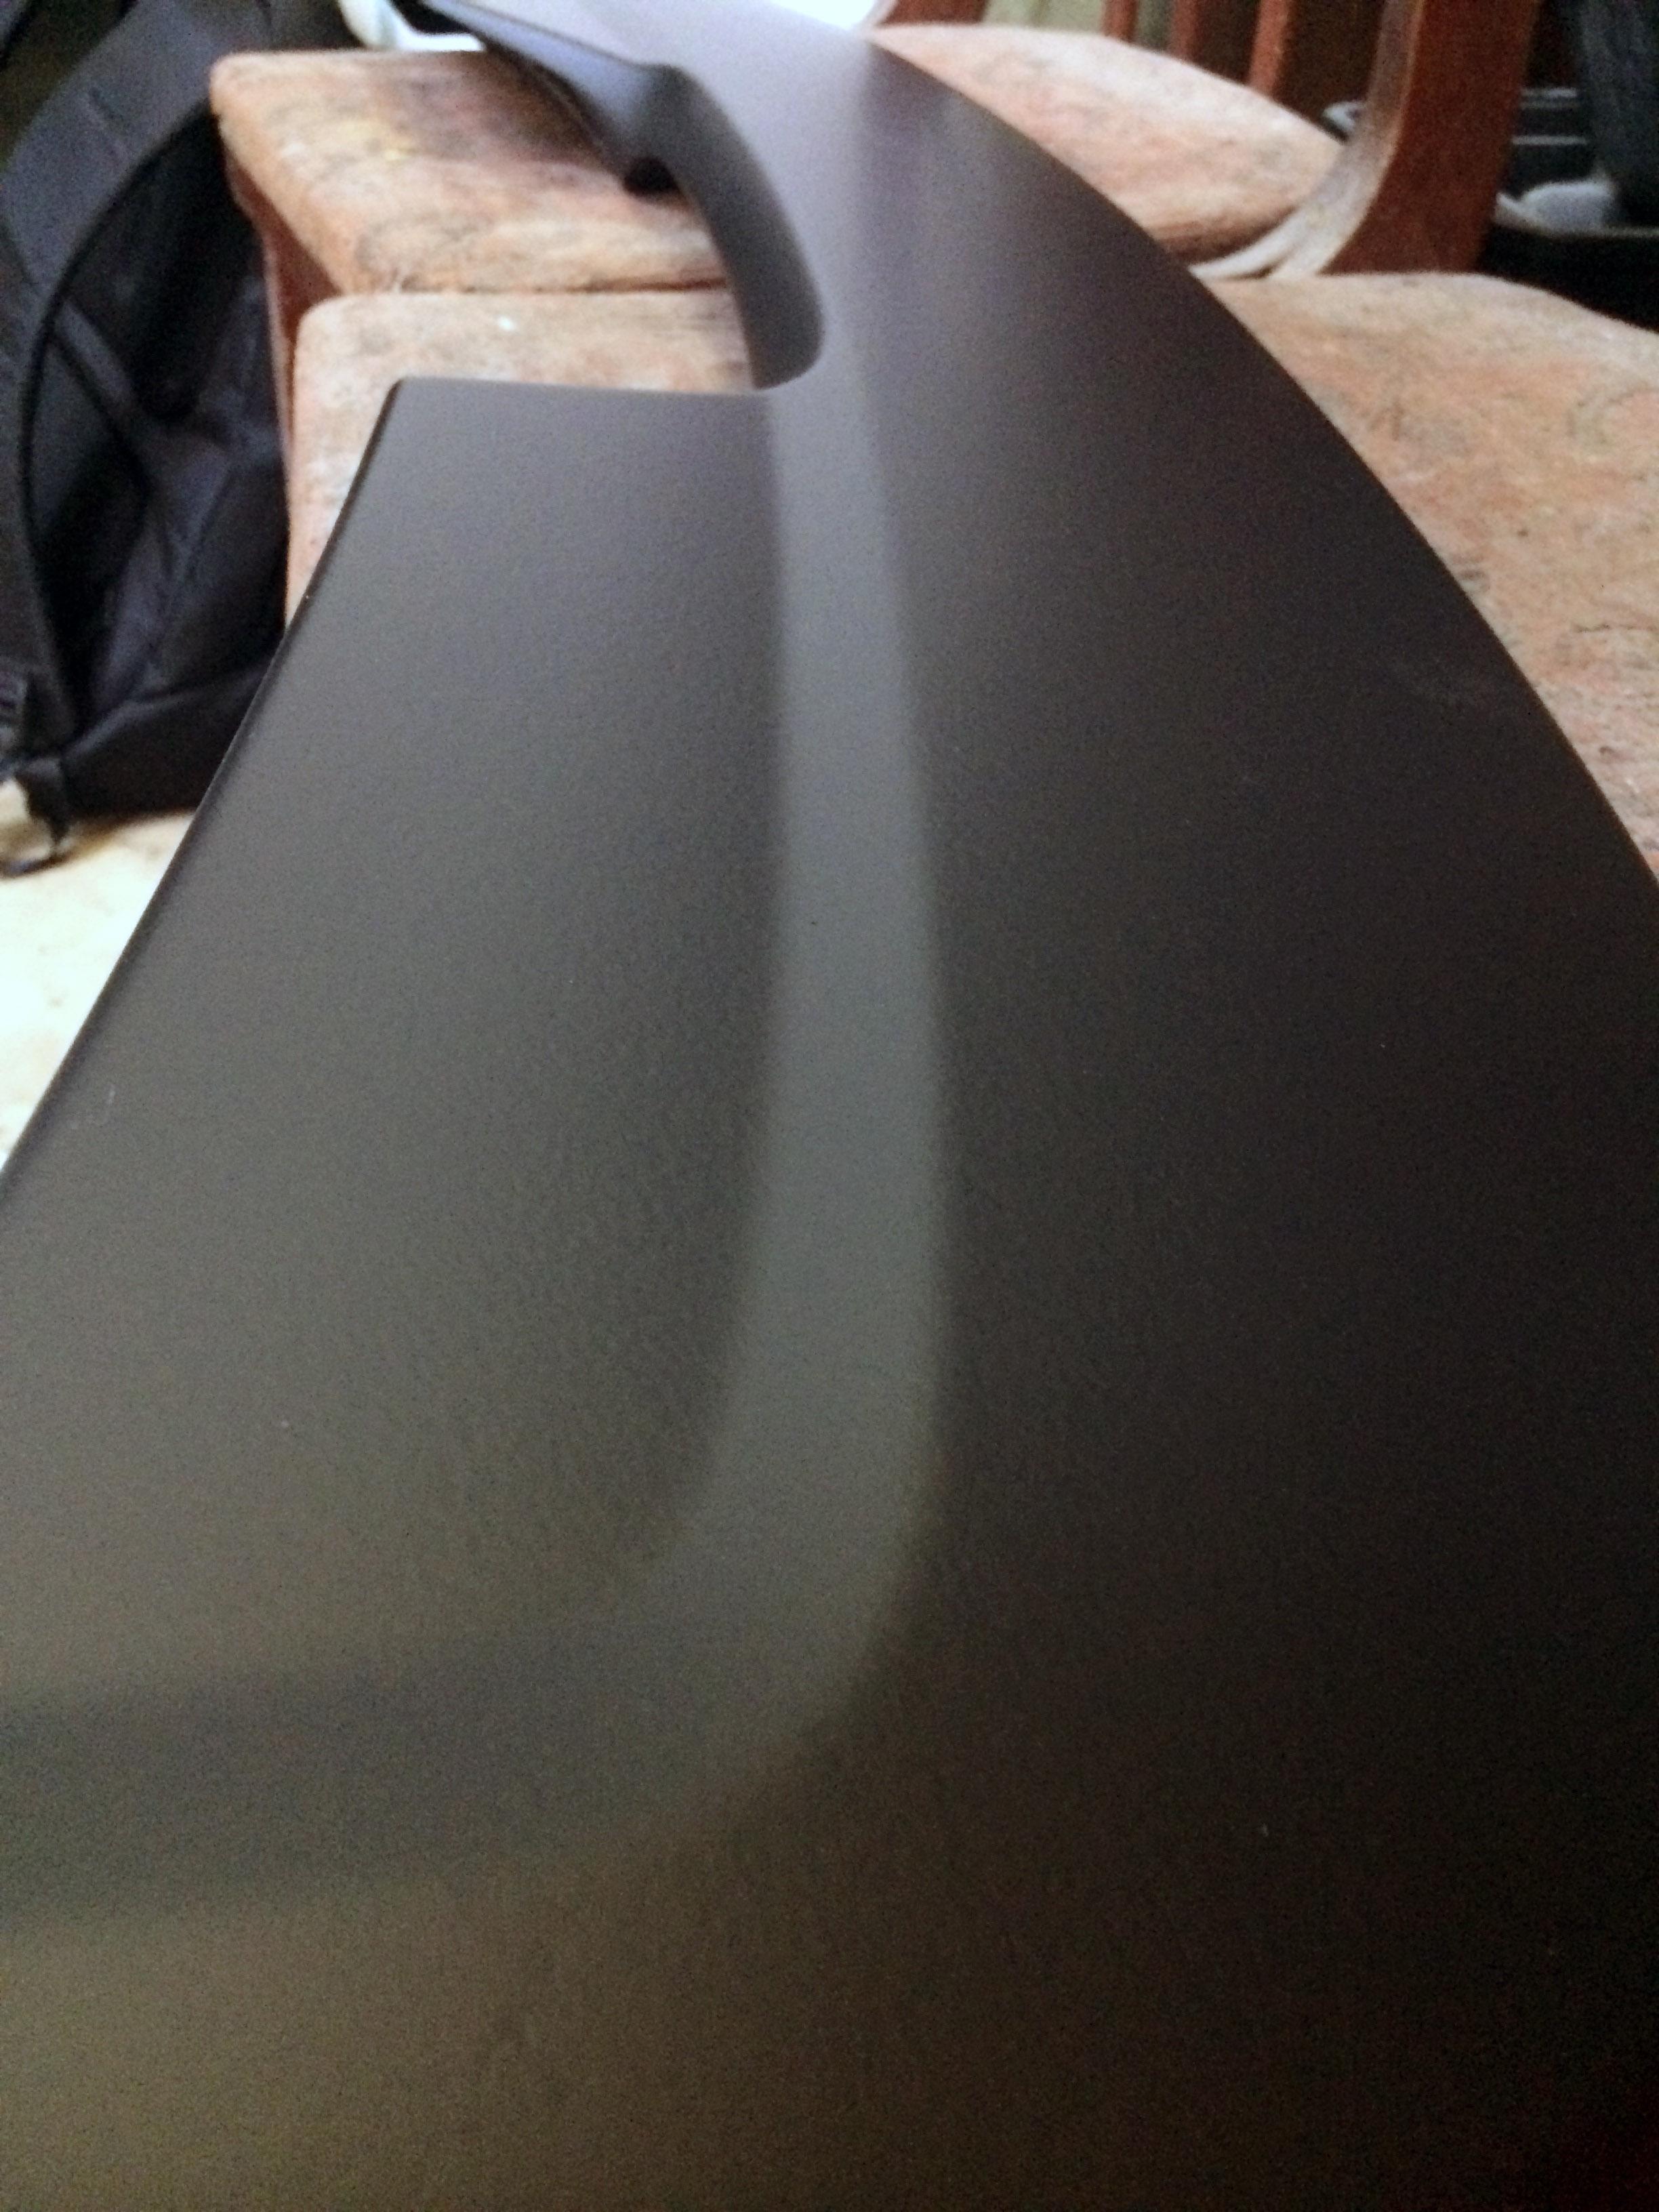 Черный матовый plasti dip на автомобиле